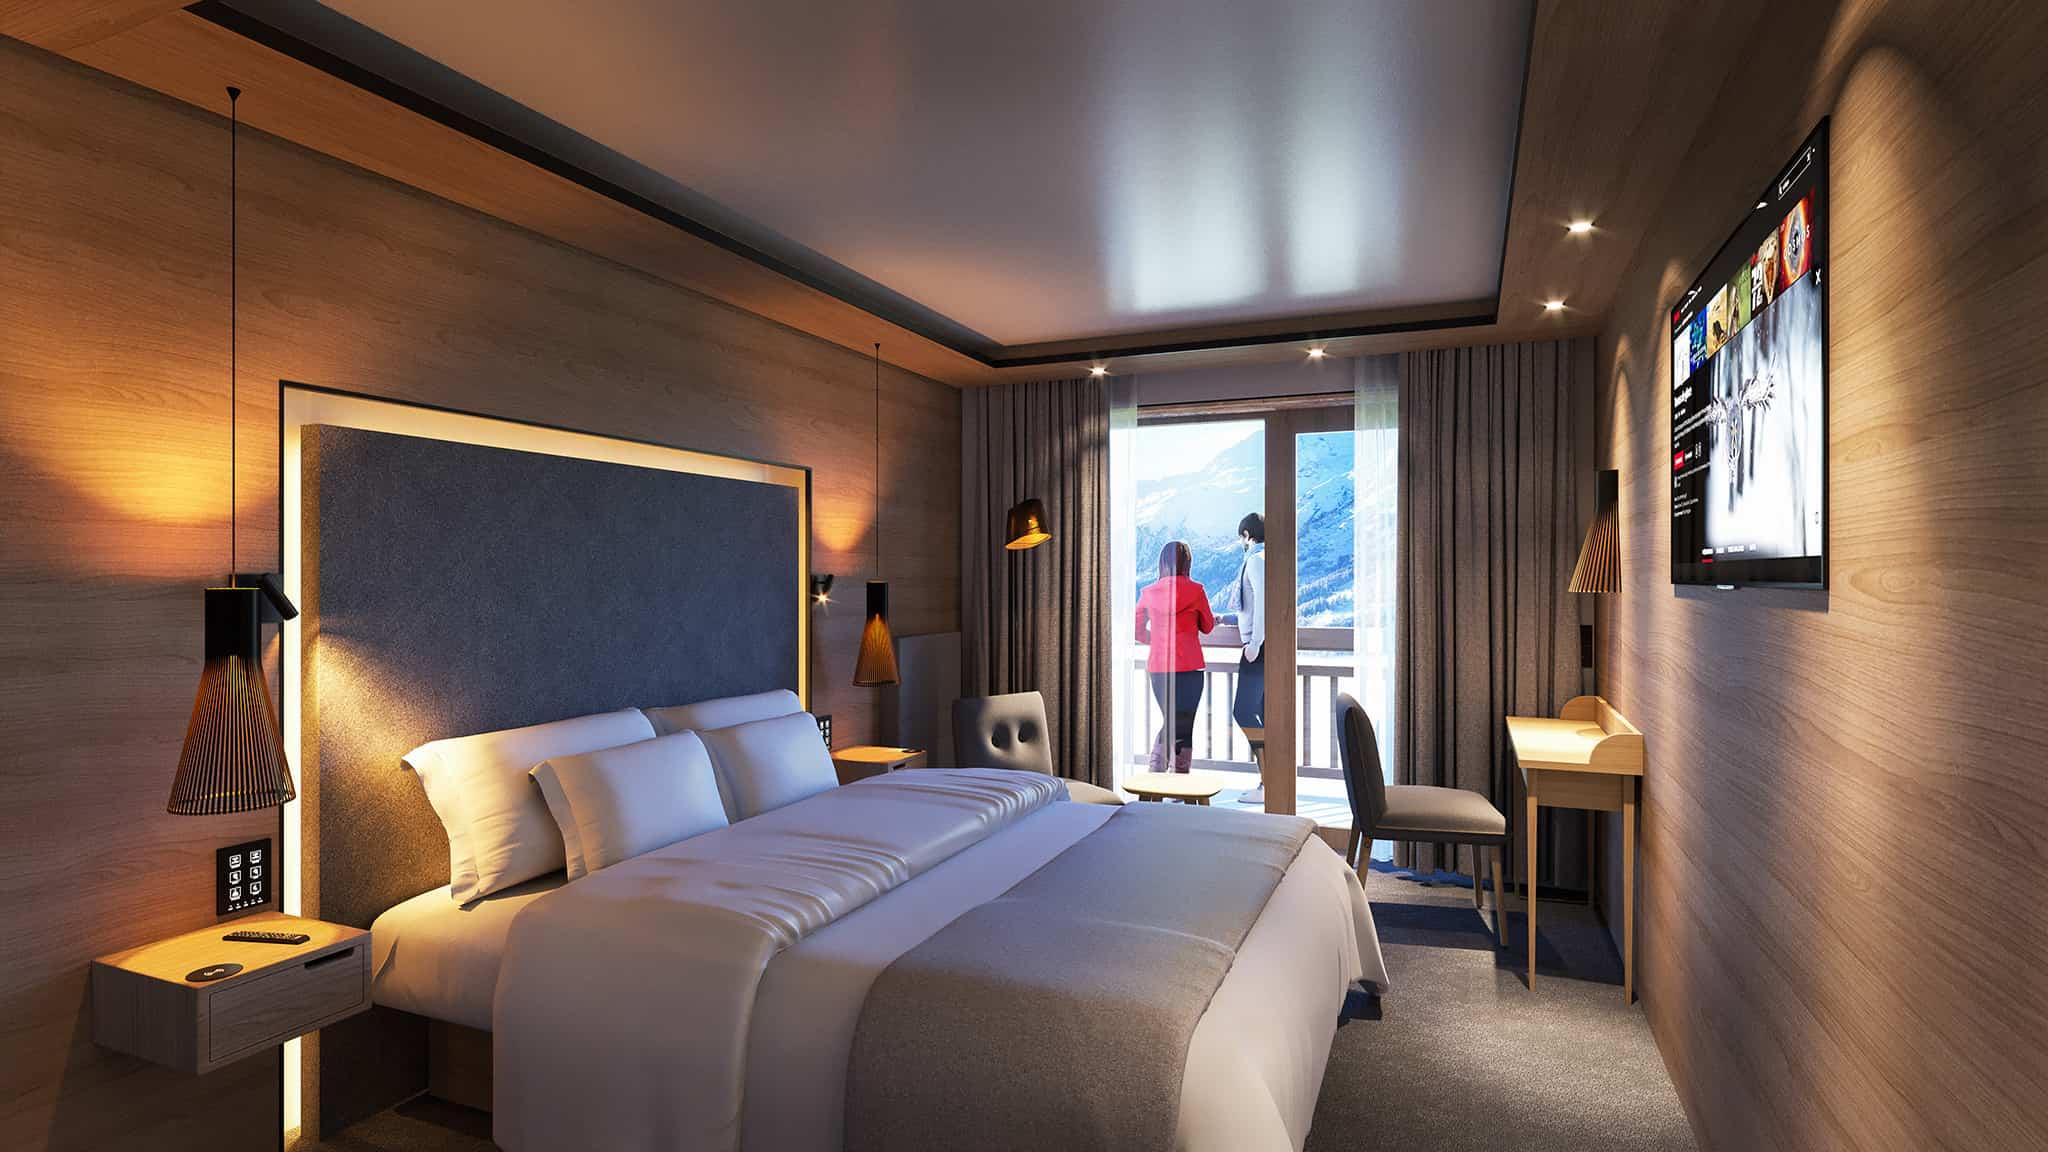 Hotel-Alparena-Spa-La-Rosiere-Perspective-Chambre_V05-2048